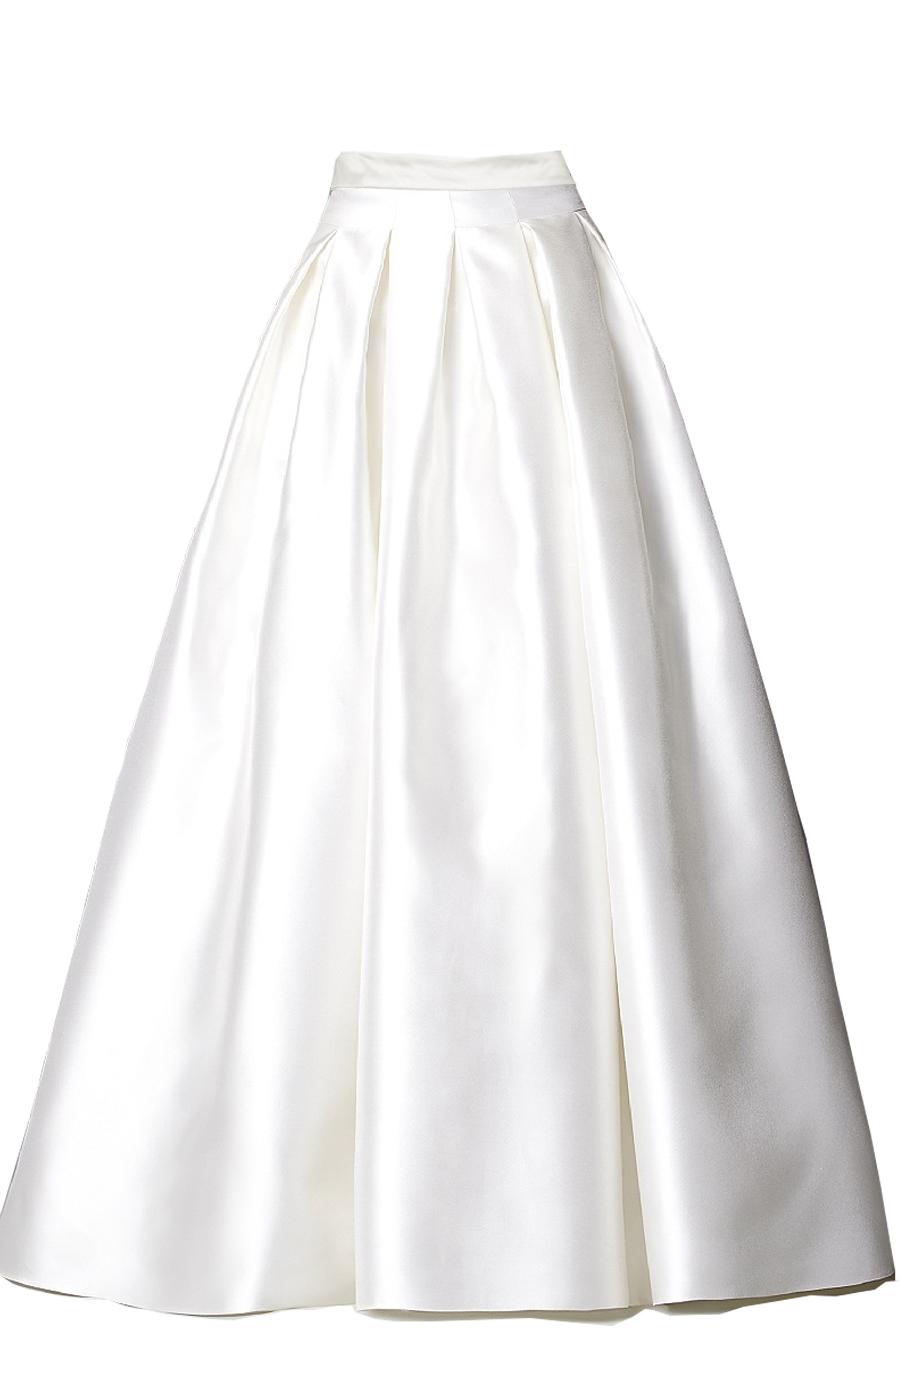 White Satin Blouse Plus Size